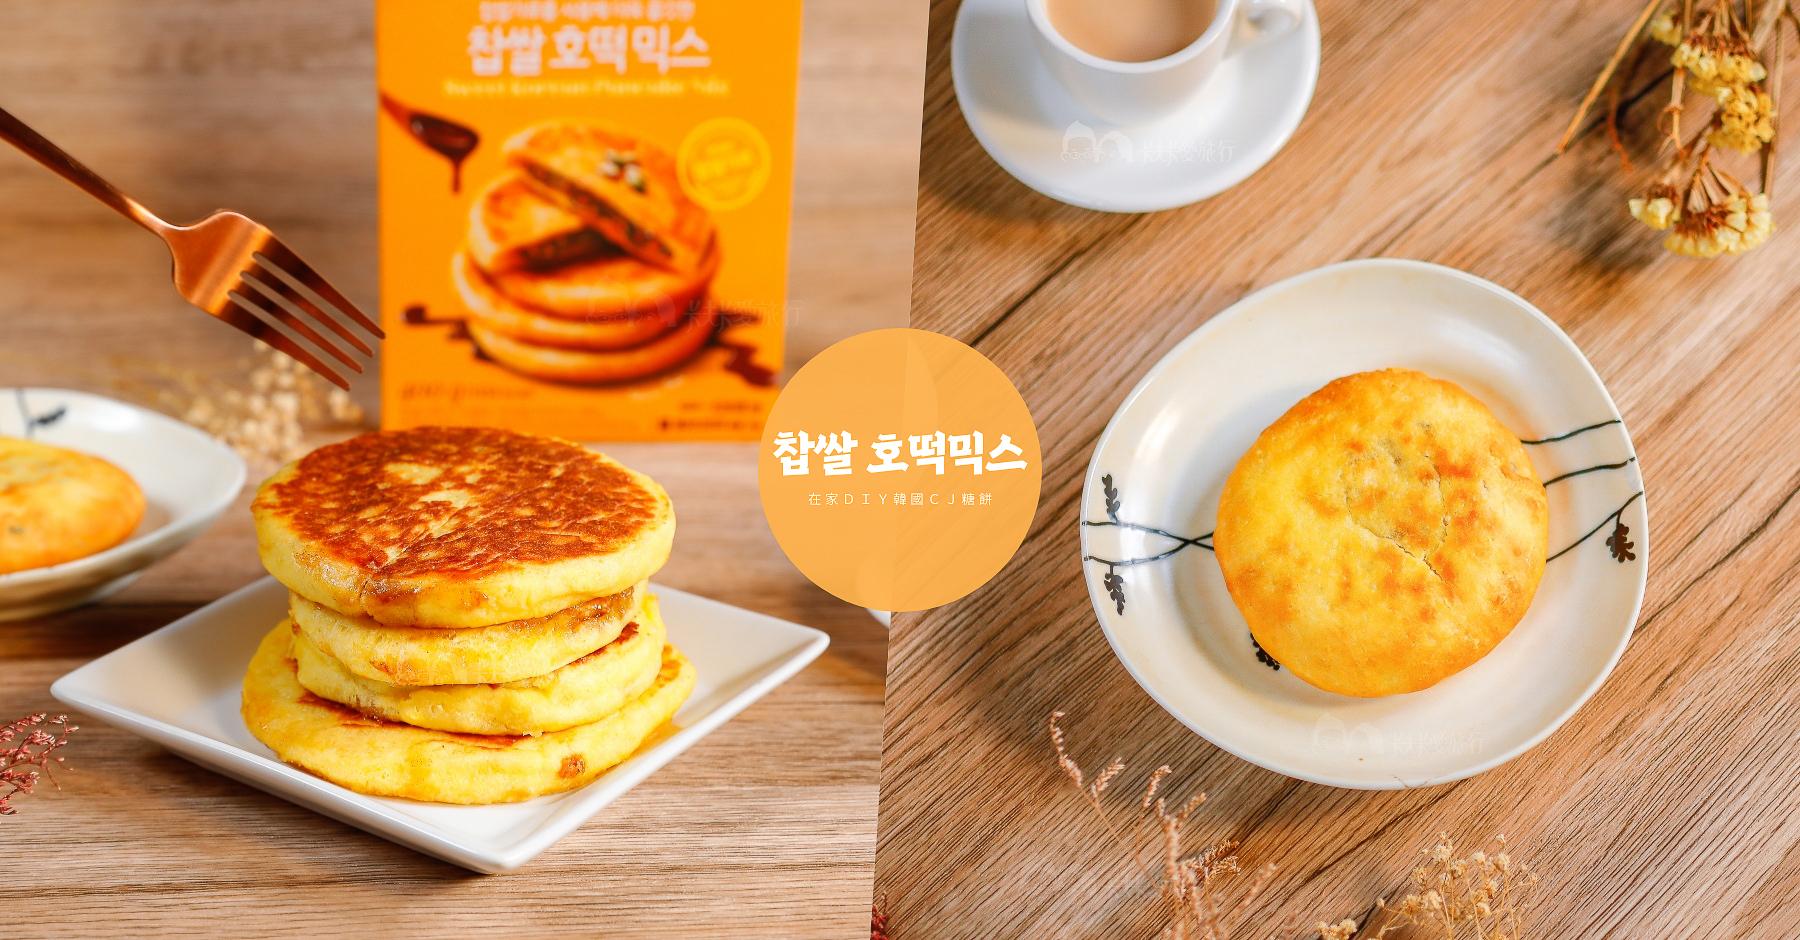 韓國傳統甜點糖餅第一次做就上手|韓國CJ糖餅料理包|氣炸鍋料理簡單烘焙DIY步驟做法購買優惠